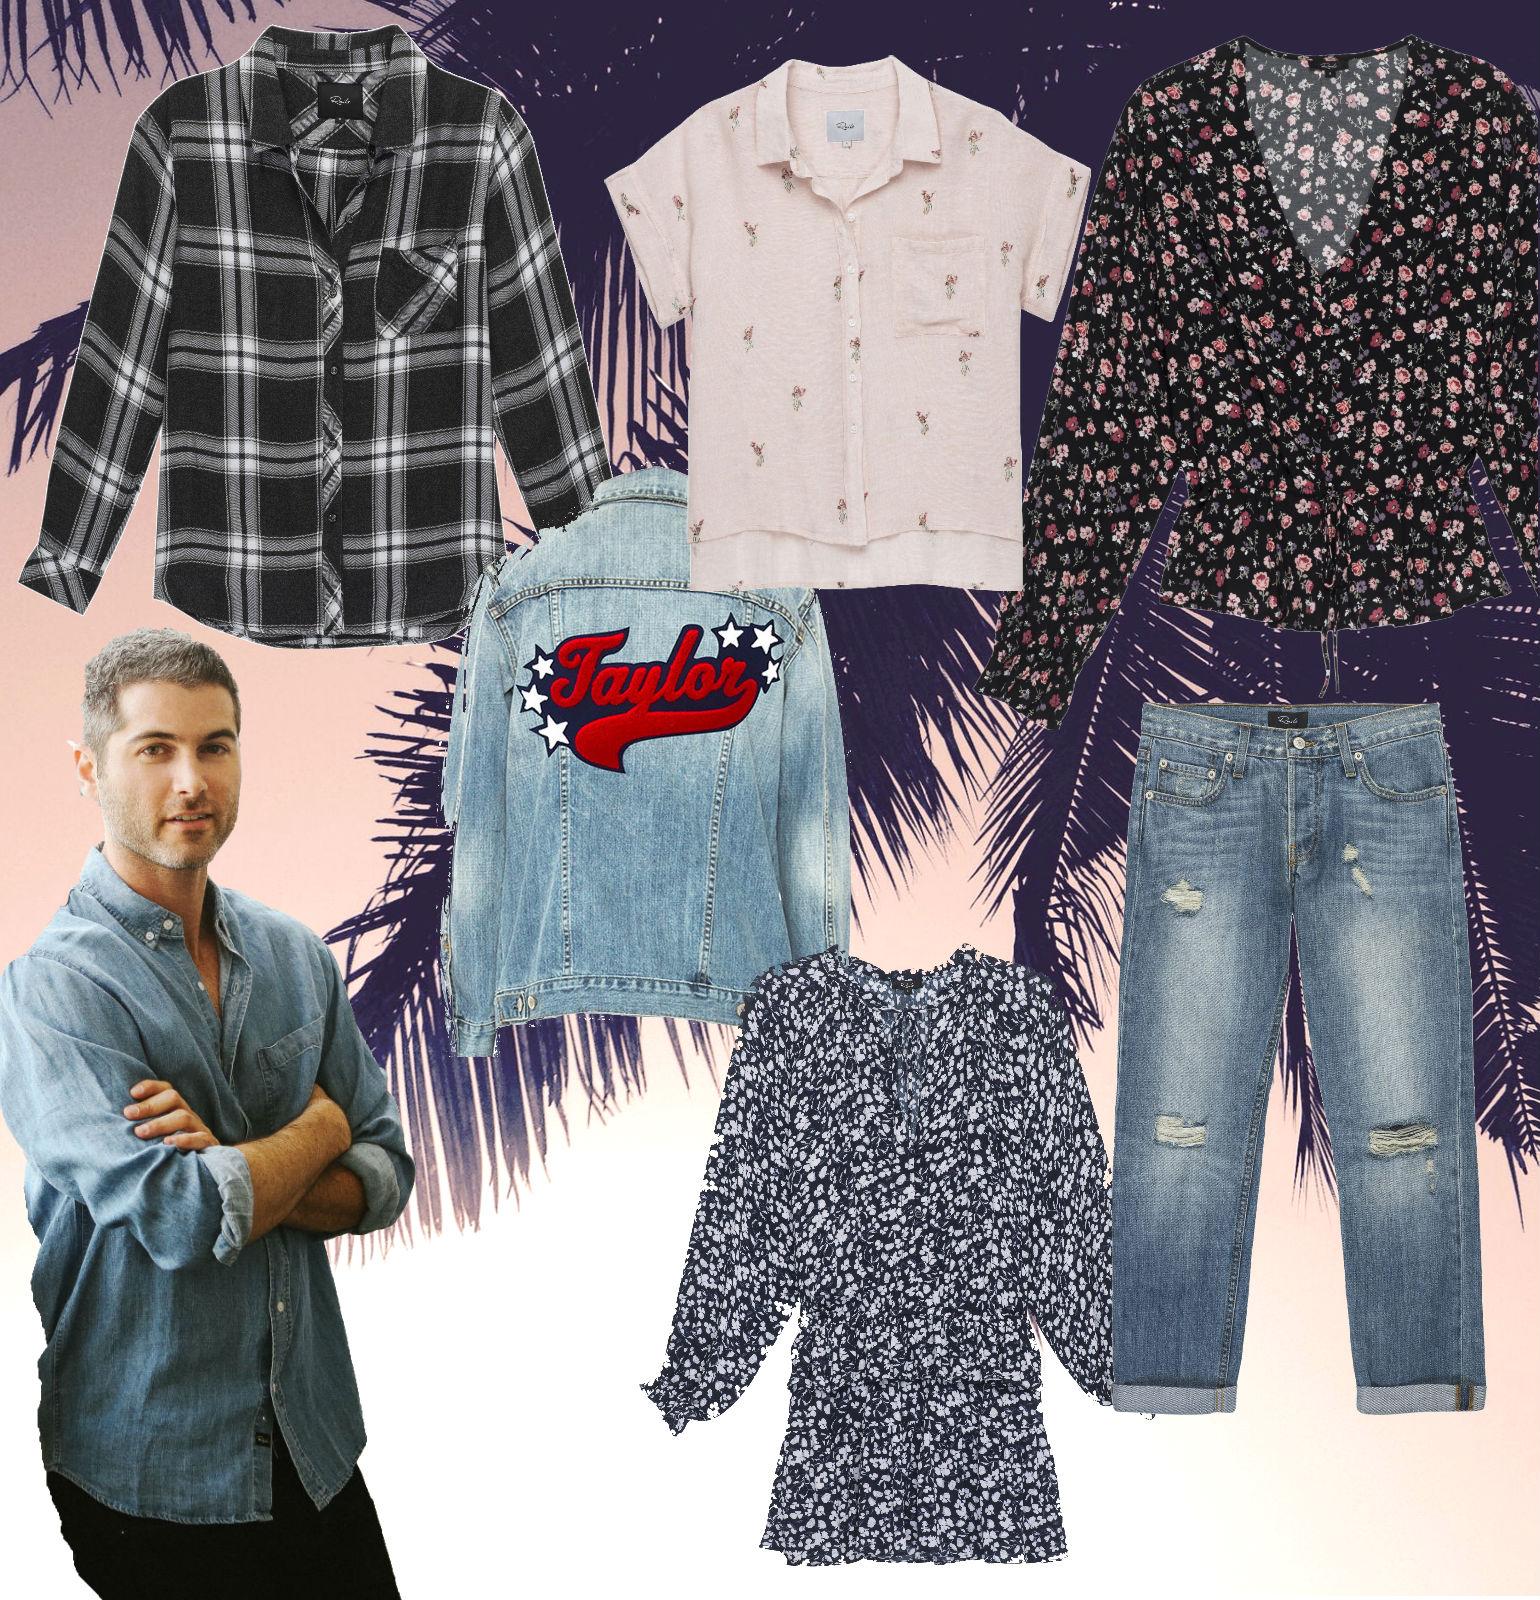 rails, tøj, mode, kvindetøj, styles, fashion, inspiration